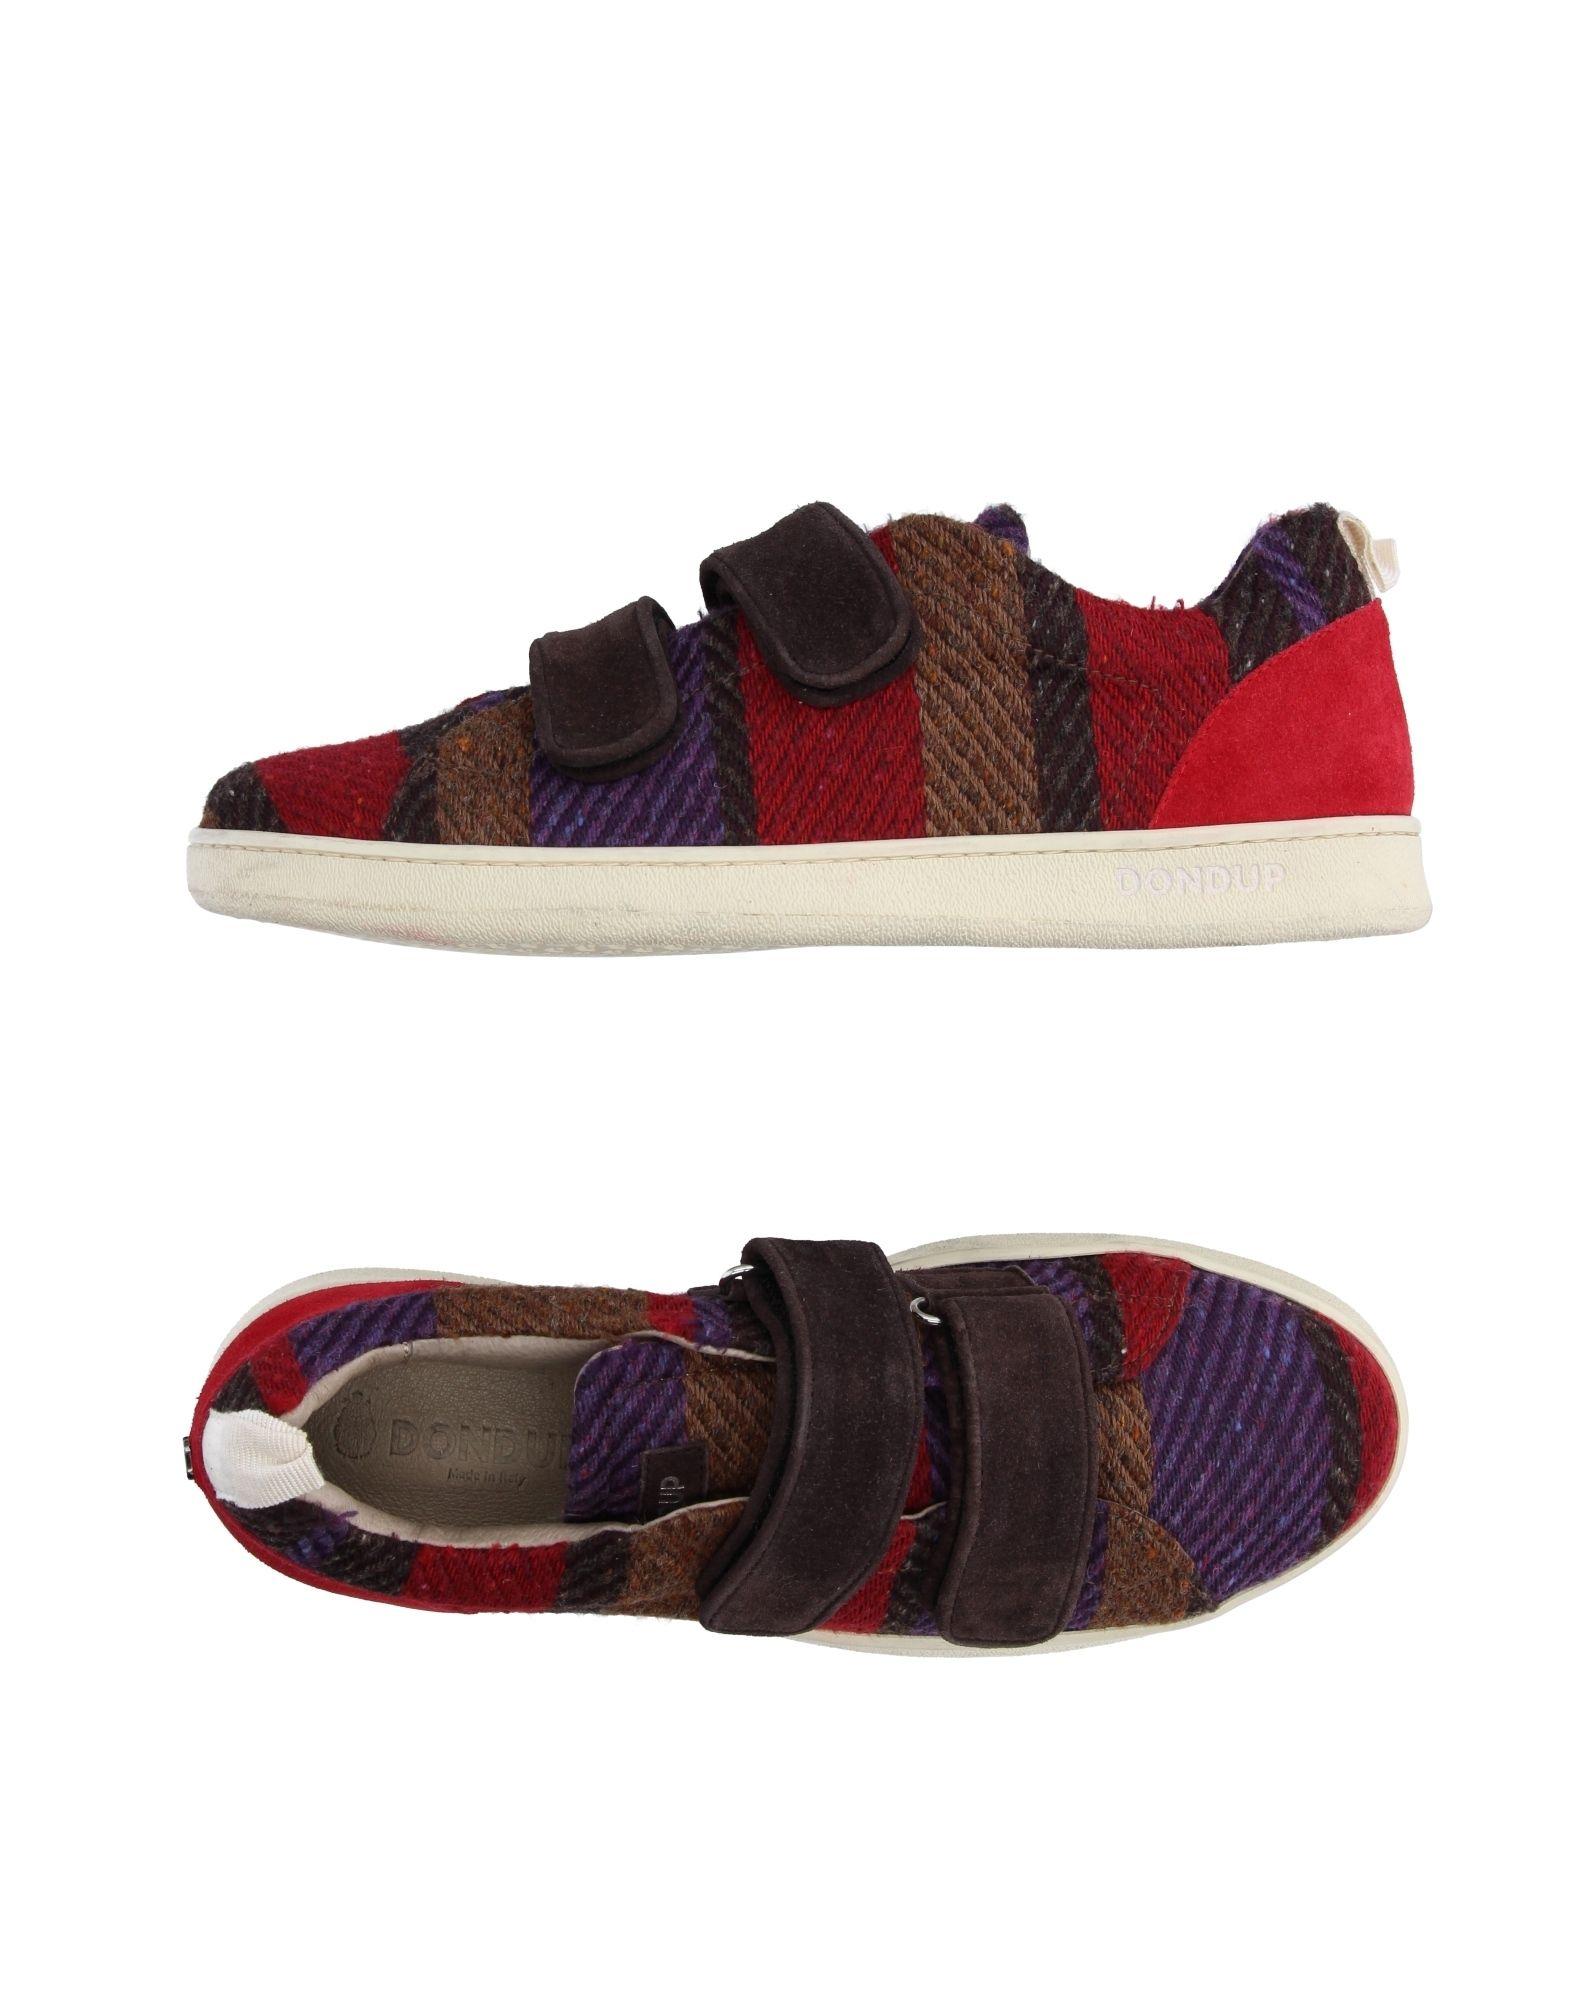 Dondup 11215830XO Sneakers Herren  11215830XO Dondup Gute Qualität beliebte Schuhe bb335b